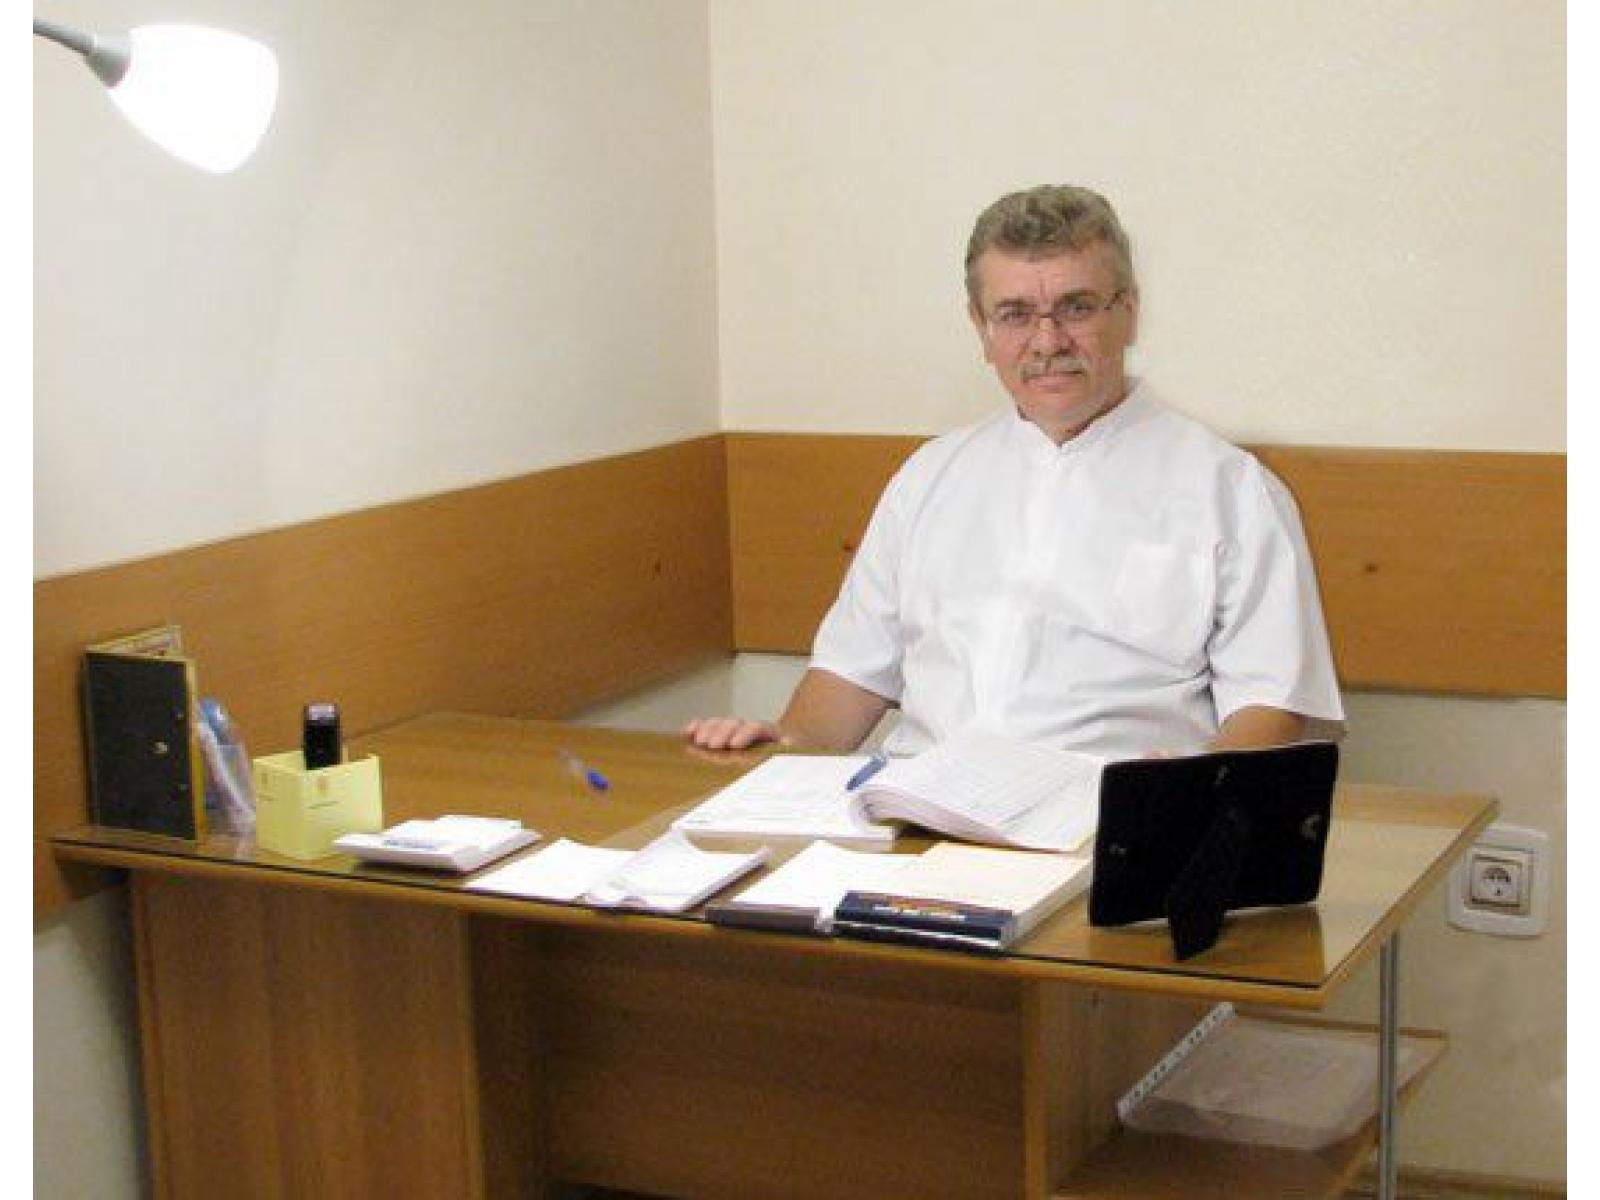 Centrul Medical Dr. Georgescu - 4_marin_georgescu.jpg